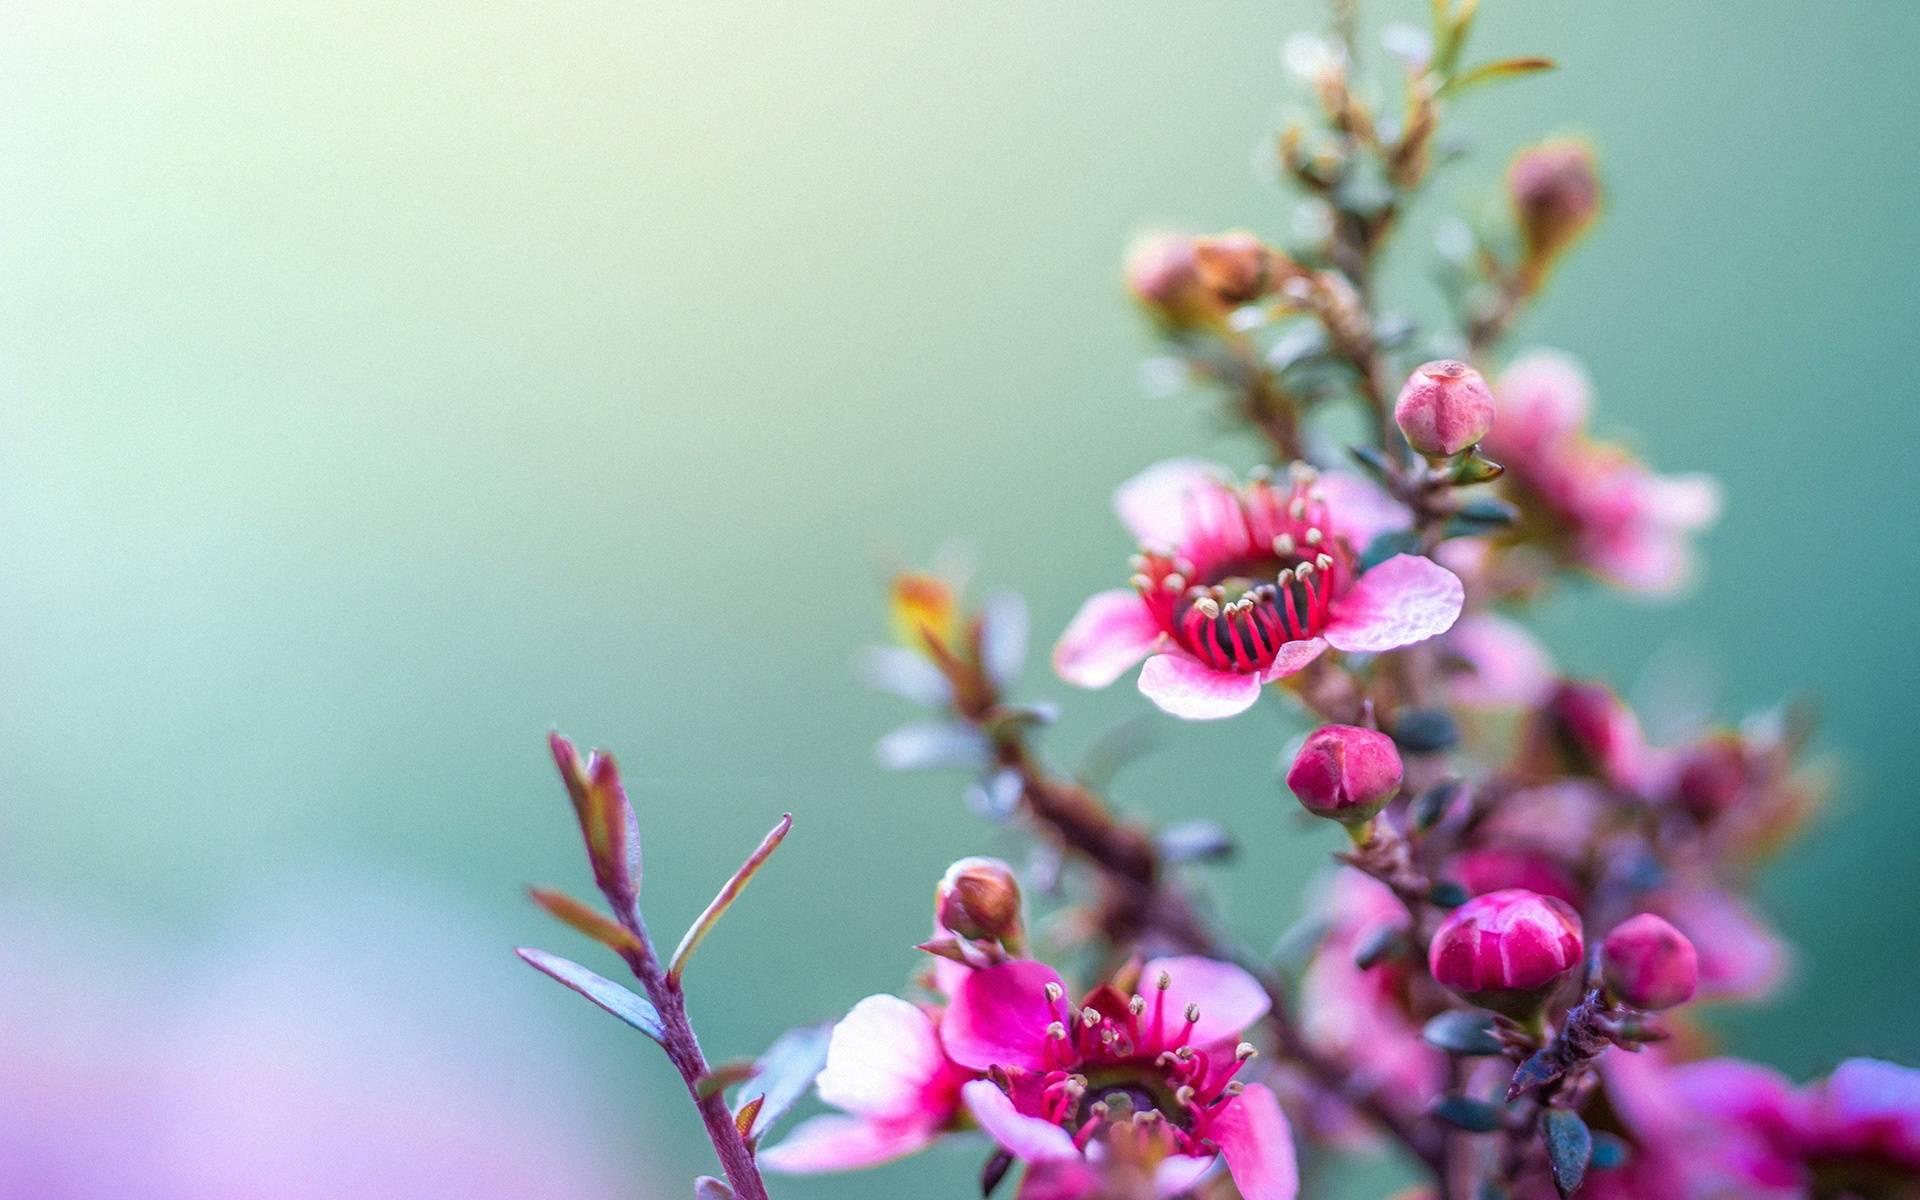 Spring Flower Wallpaper For Desktop Download Of 1920x1200